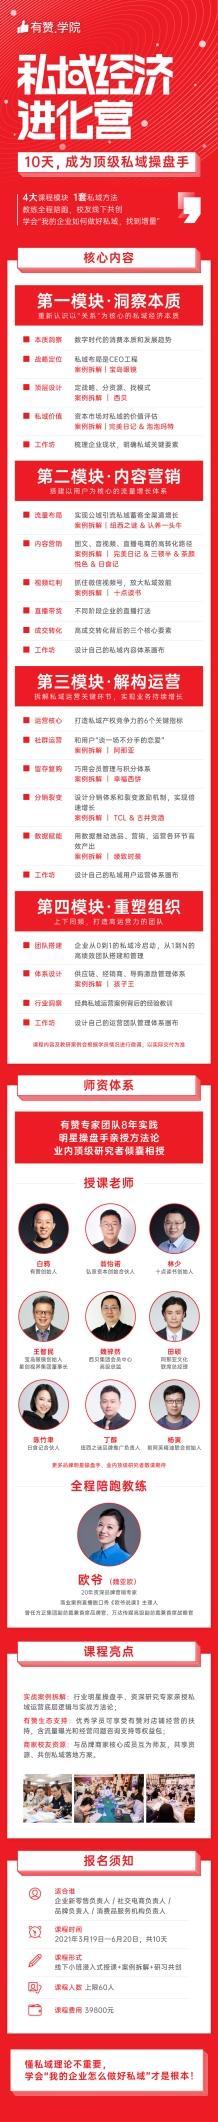 宝岛眼镜2020逆势增长 掌门人王智民加盟有赞《私域经济进化营》当导师